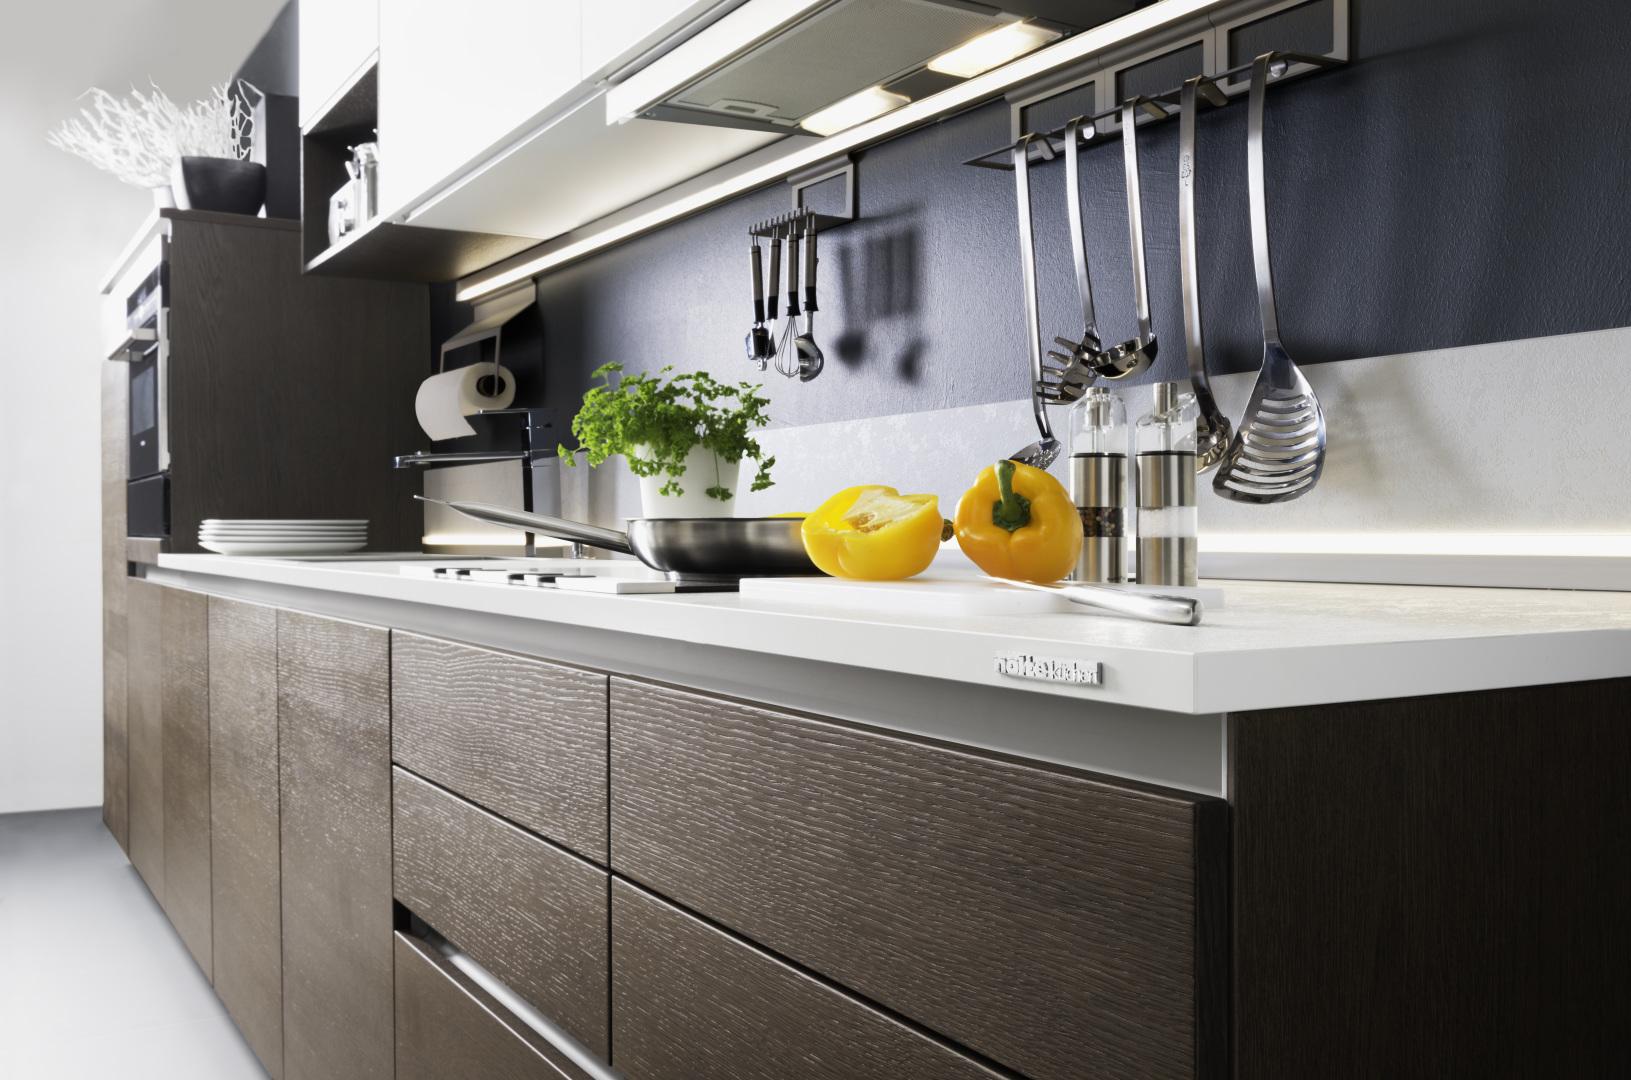 Muebles de cocina en malaga beautiful muebles de cocina - Montador de cocinas ...